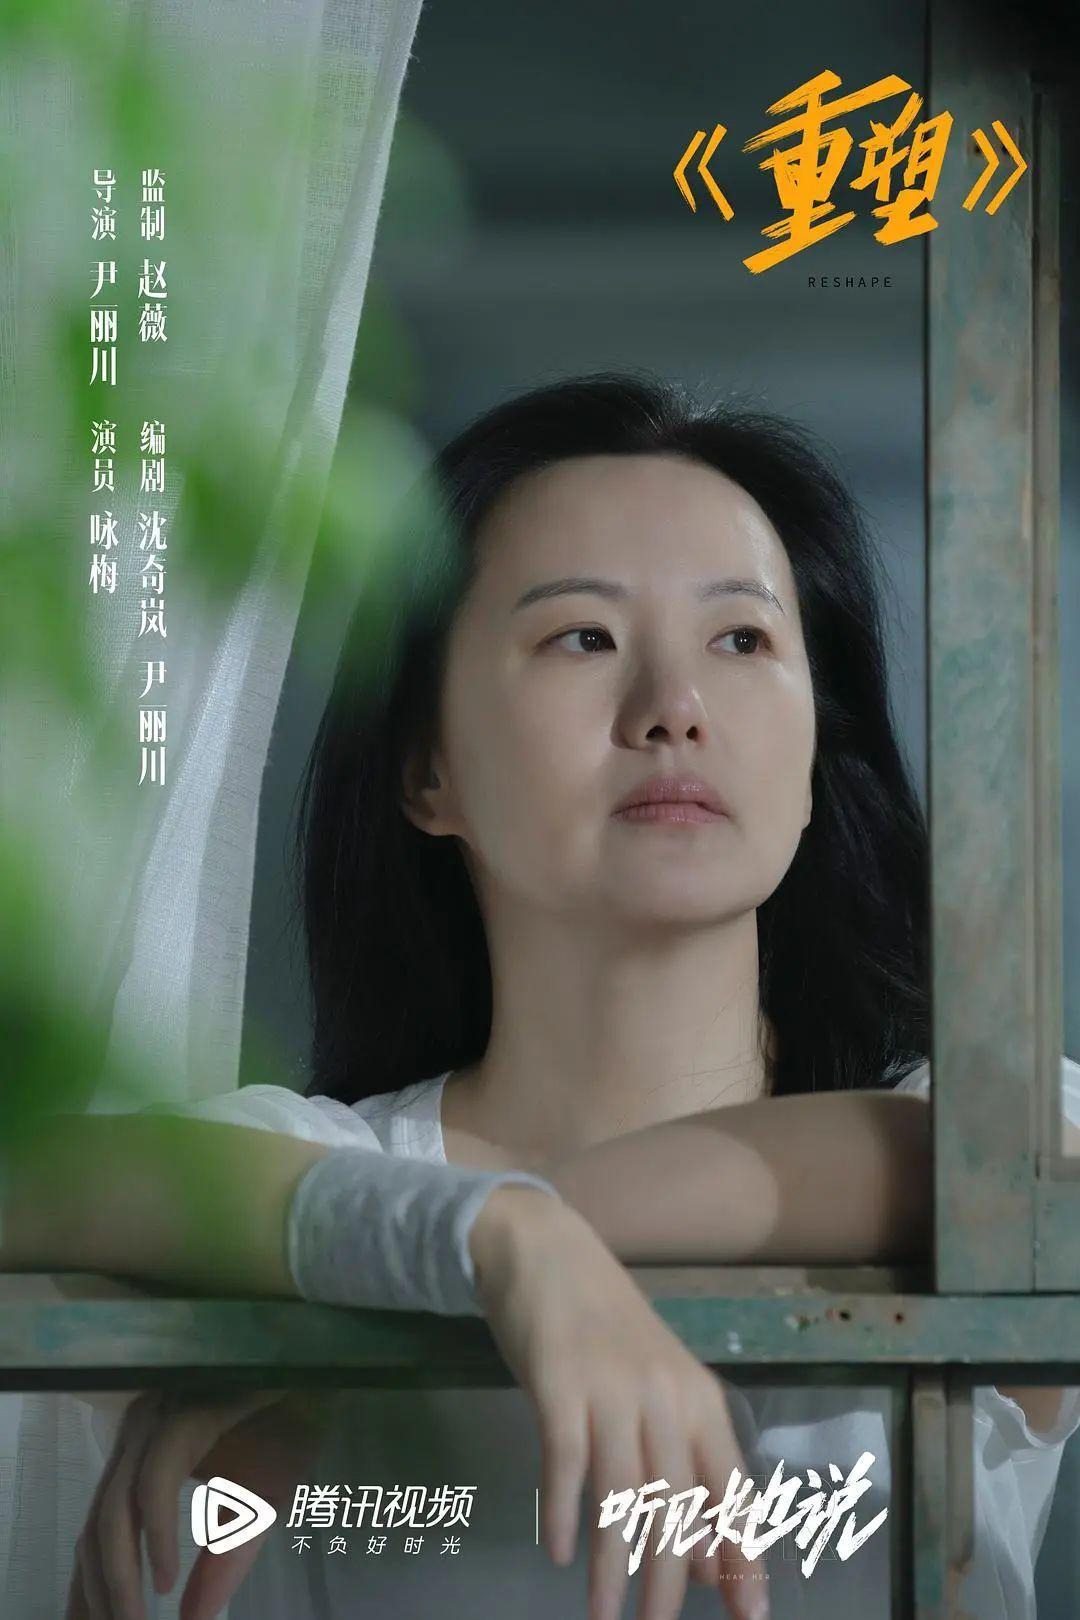 网剧《听见她说》以一种独白剧的形式展开描述现代女性在各个方面的压力和困境 (3)